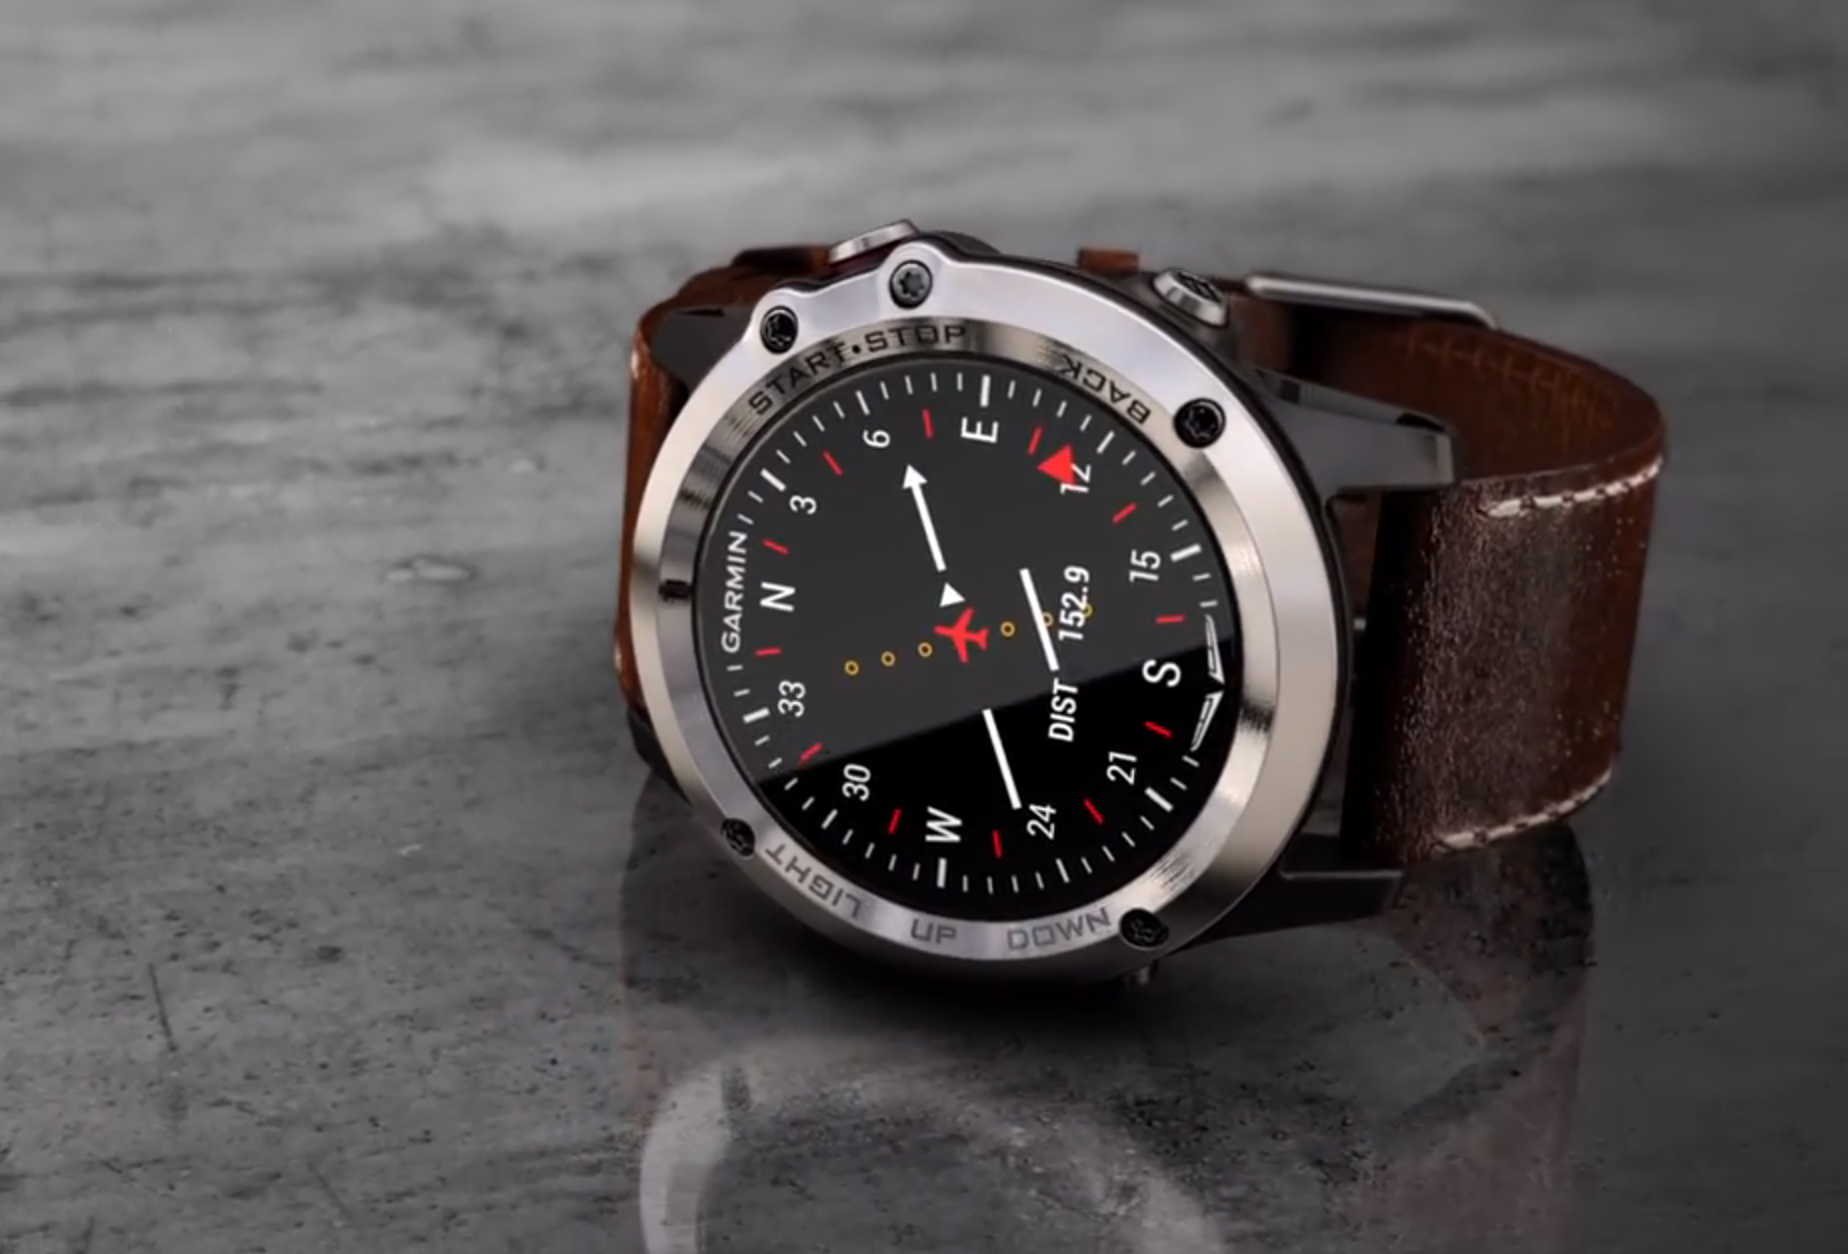 Garmin D2 Bravo —часы для пилотов, которые сложно не захотеть